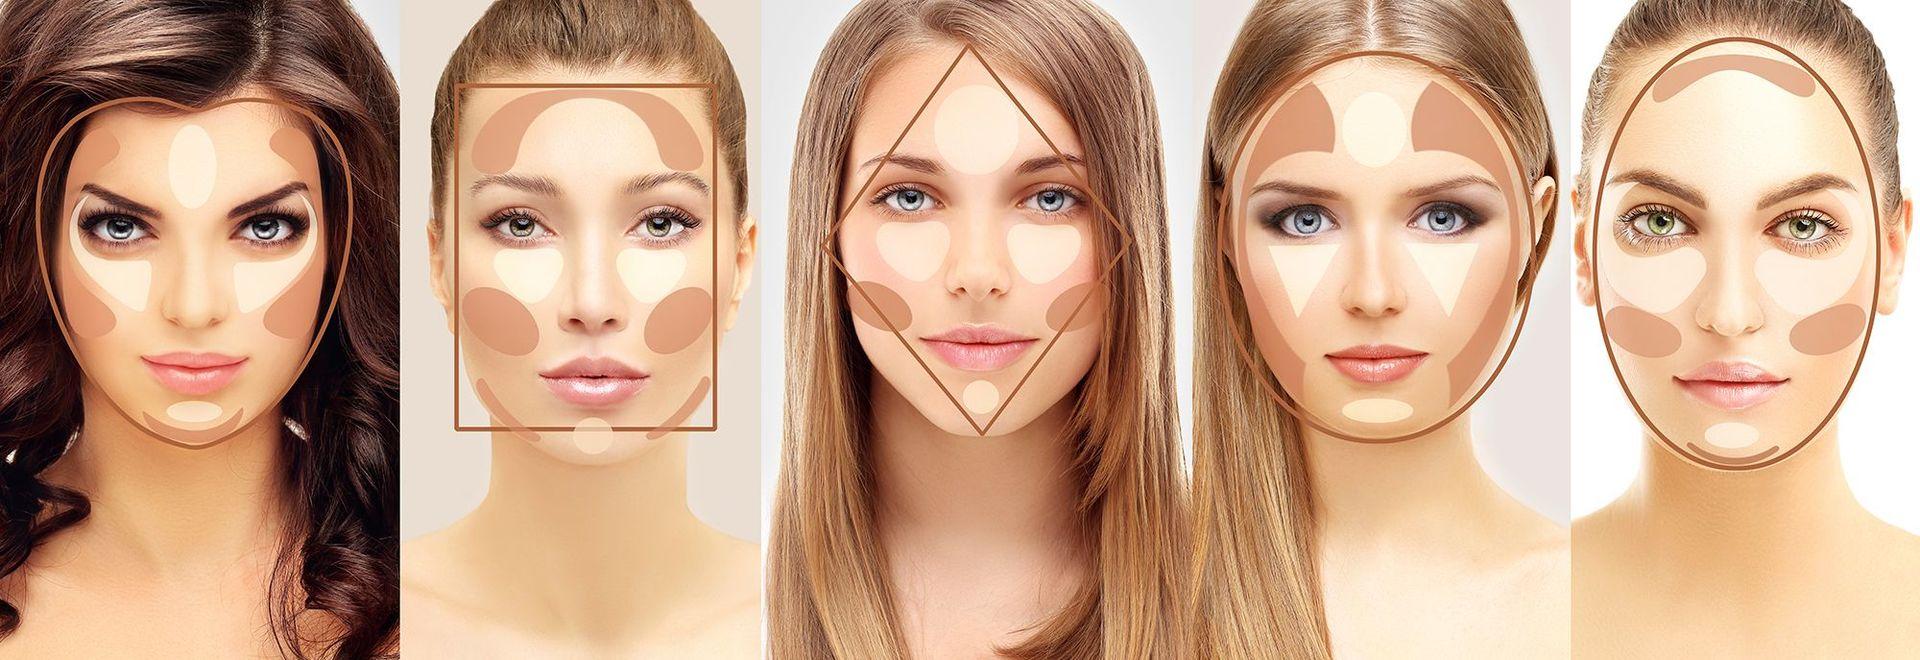 Поэтапное нанесение макияжа на лицо фото пошагово